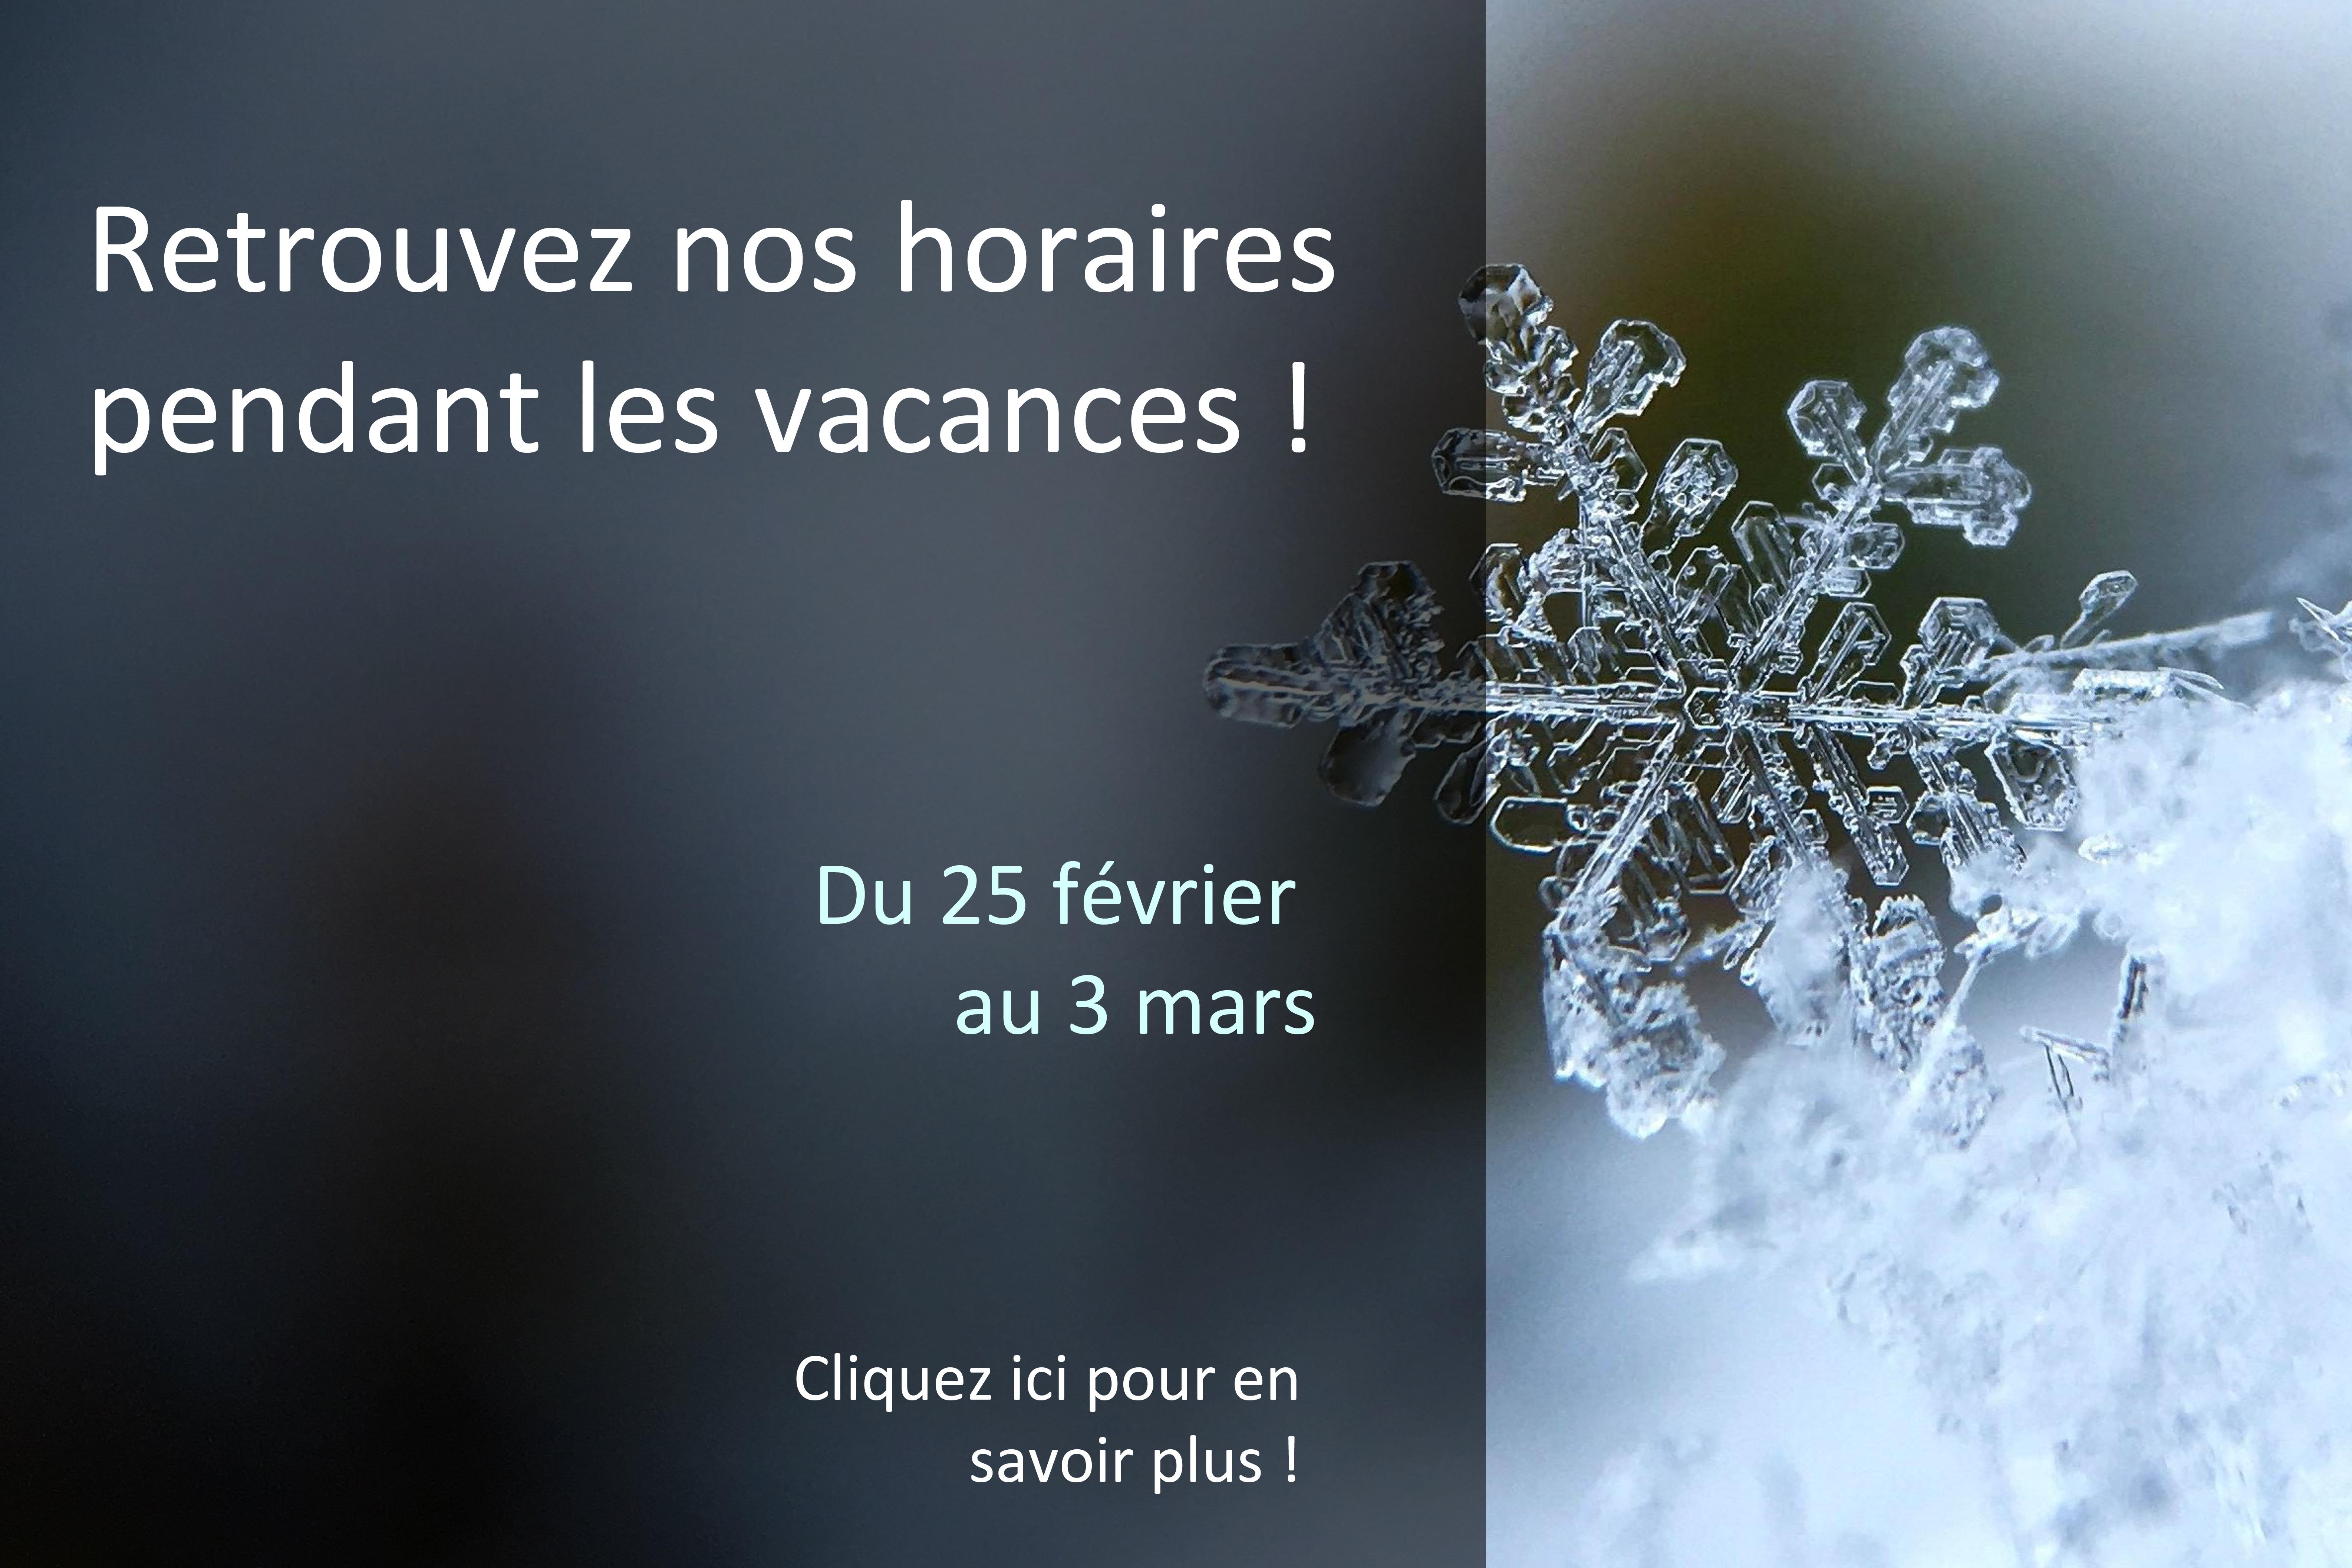 Horaires vacances hiver